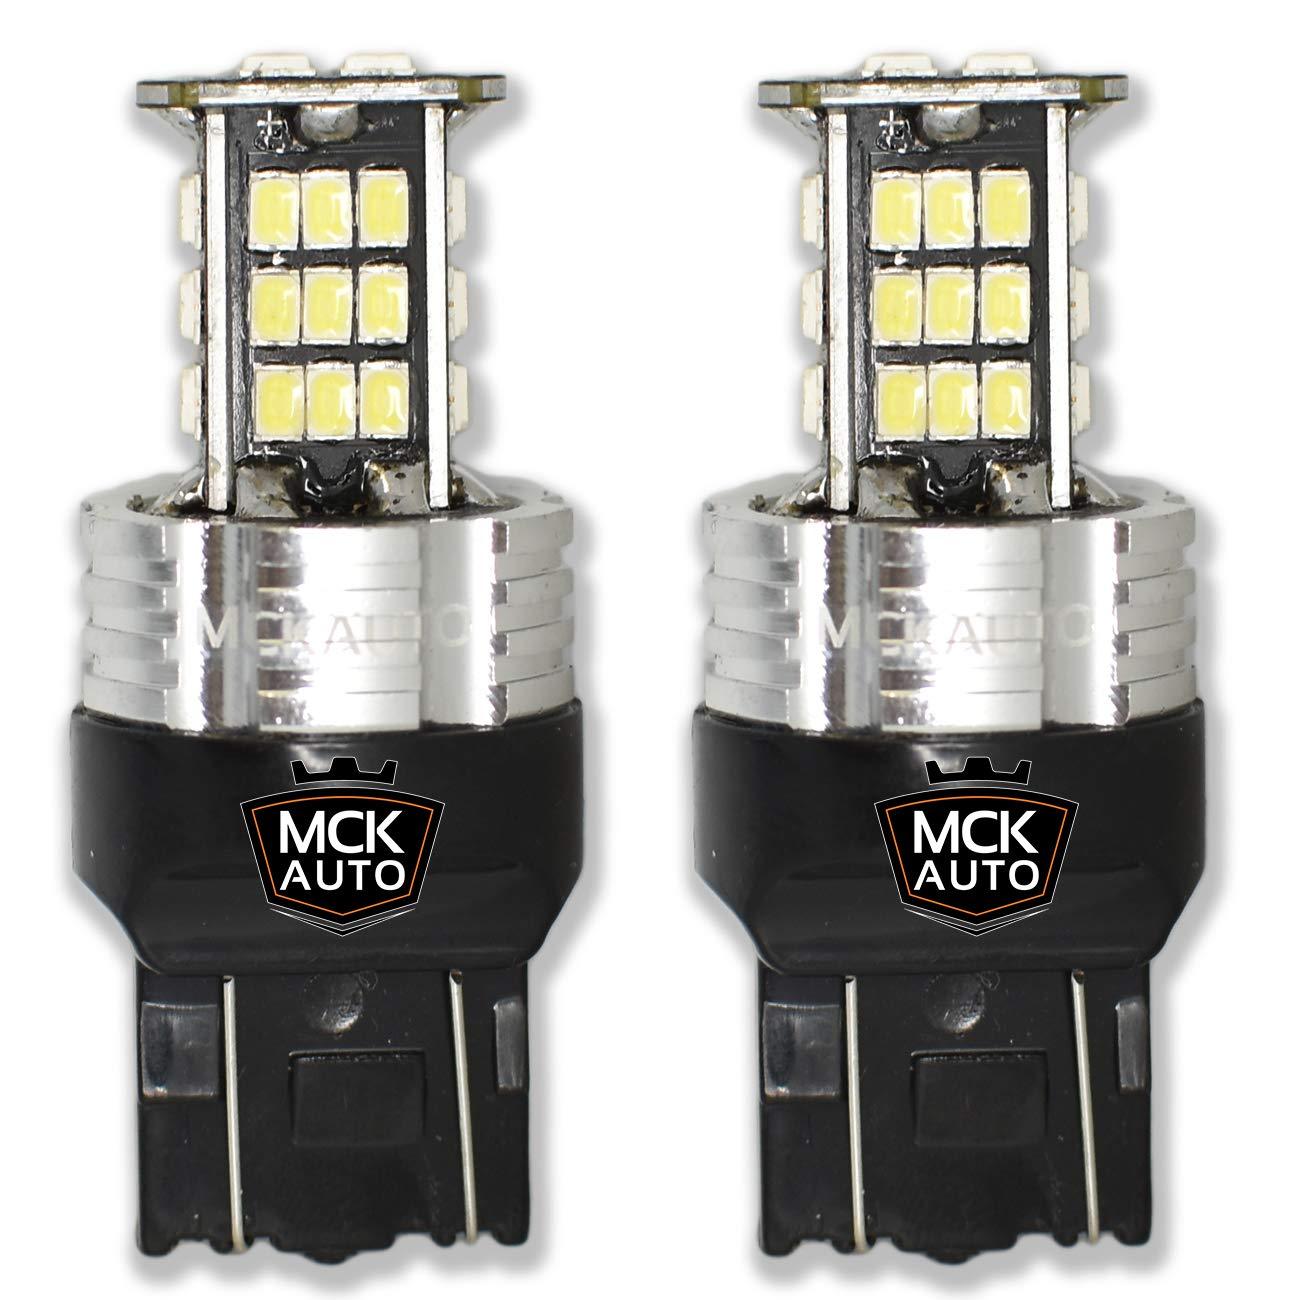 MCK Auto 1600lm T20 7443 W21/5W Blanco LED Bombillas Canbus F20 F21 208 A1: Amazon.es: Coche y moto